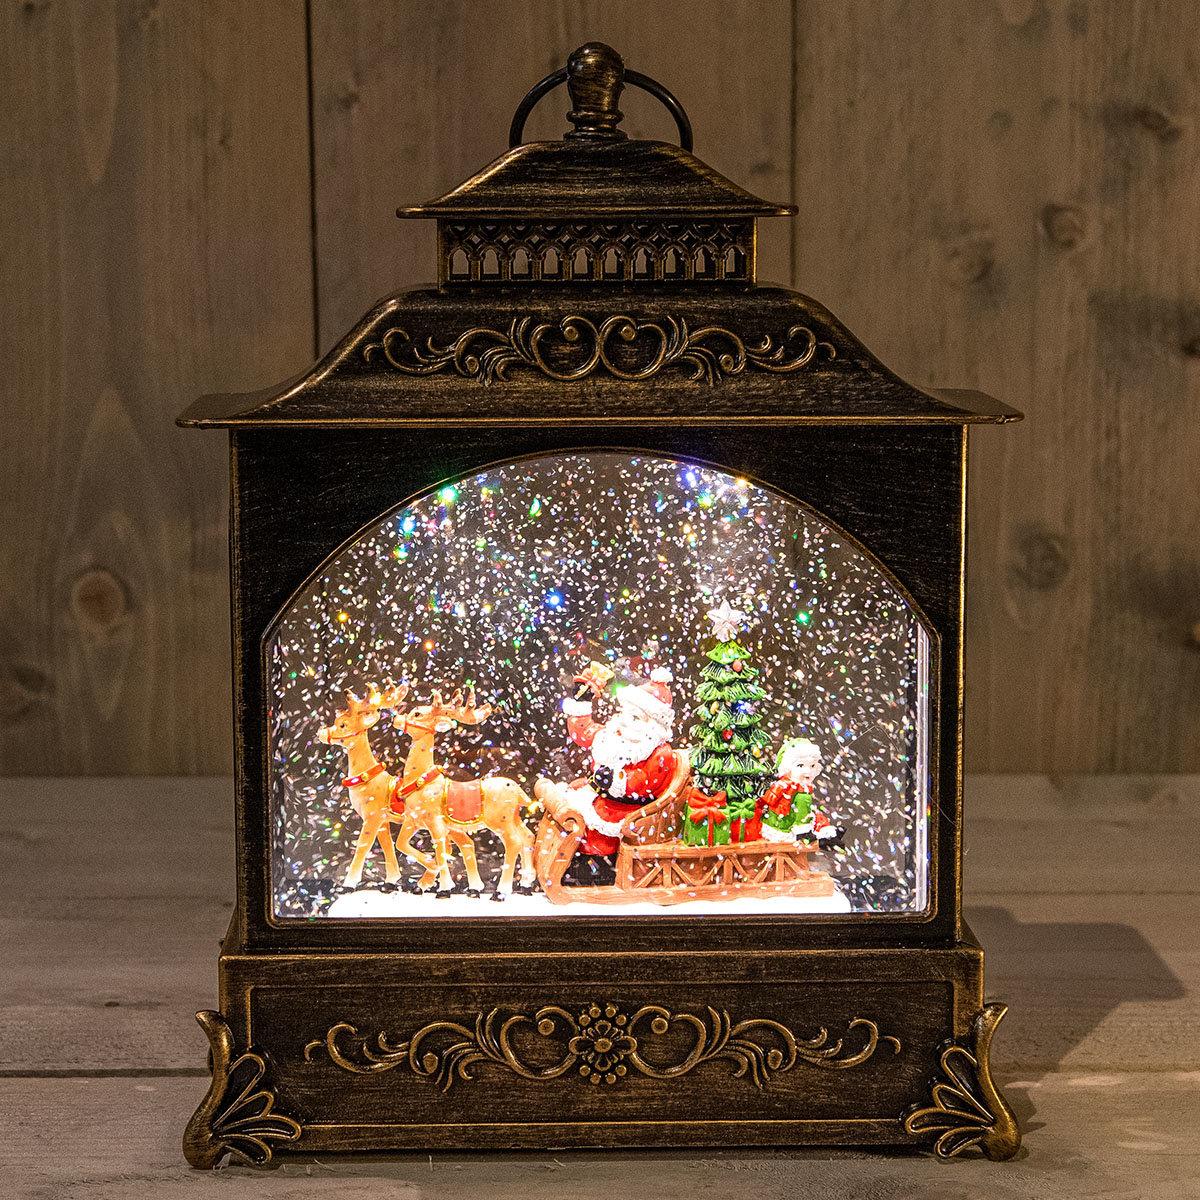 LED-Laterne mit Weihnachtsmann, 22x8x29 cm